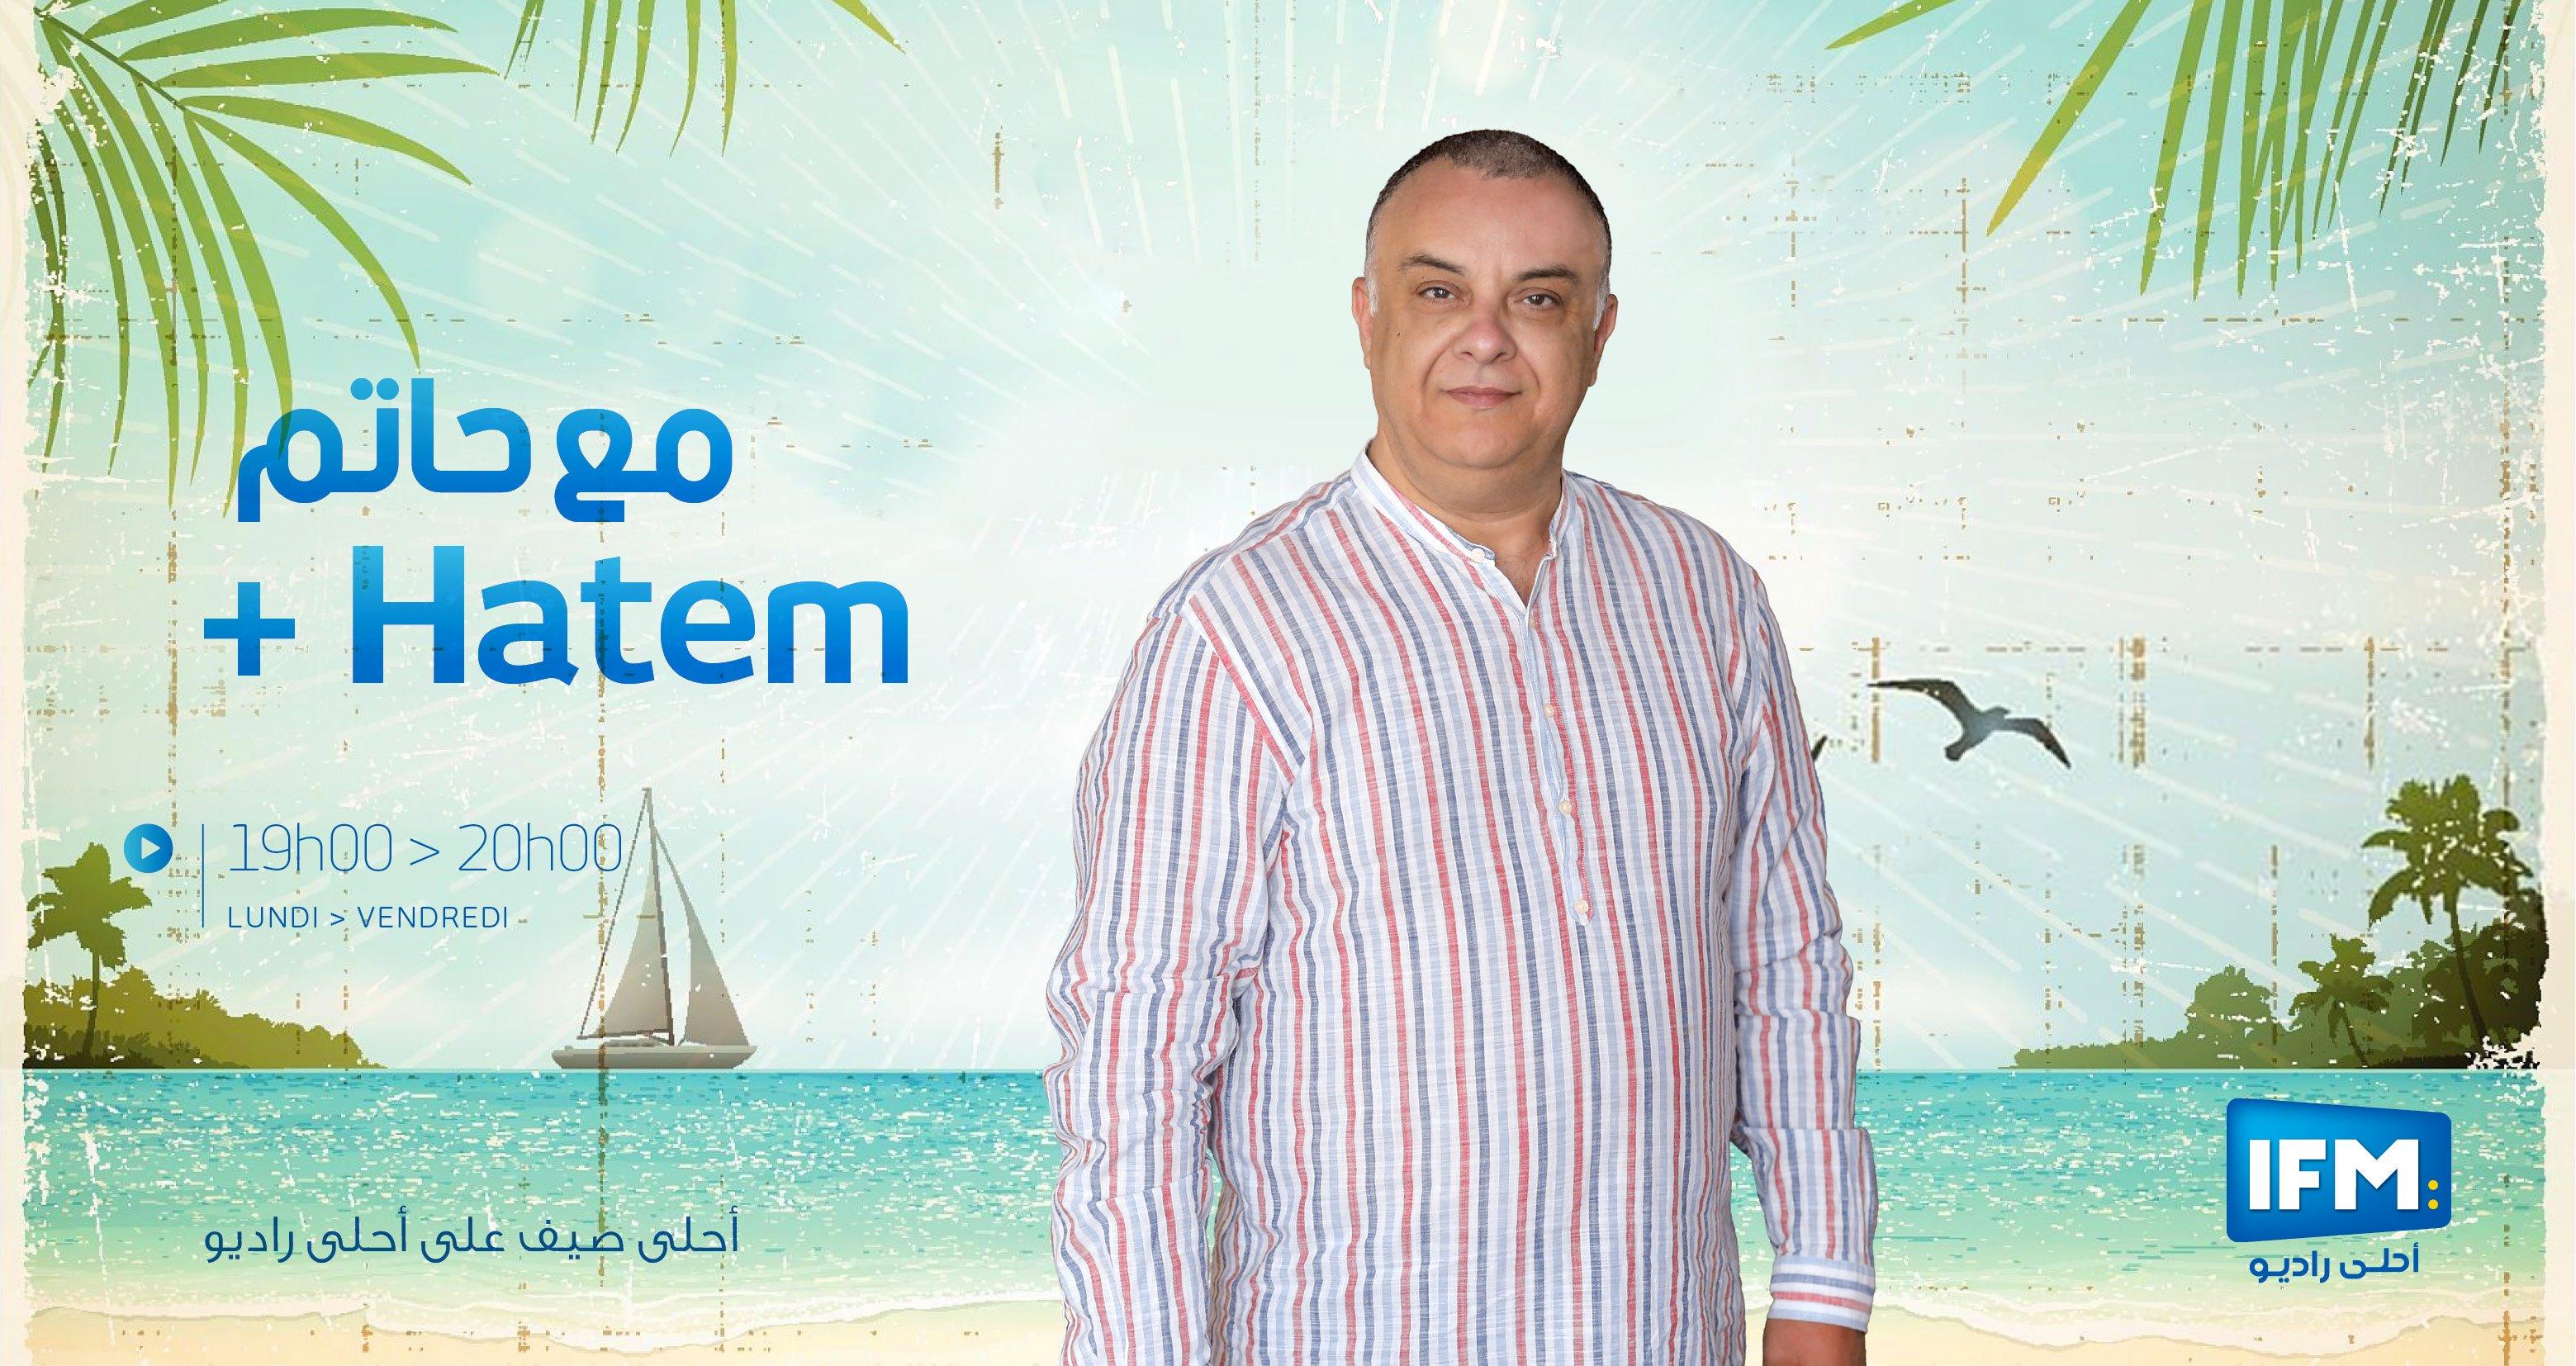 Maa Hatem Du Jeudi 09 Juillet 2020